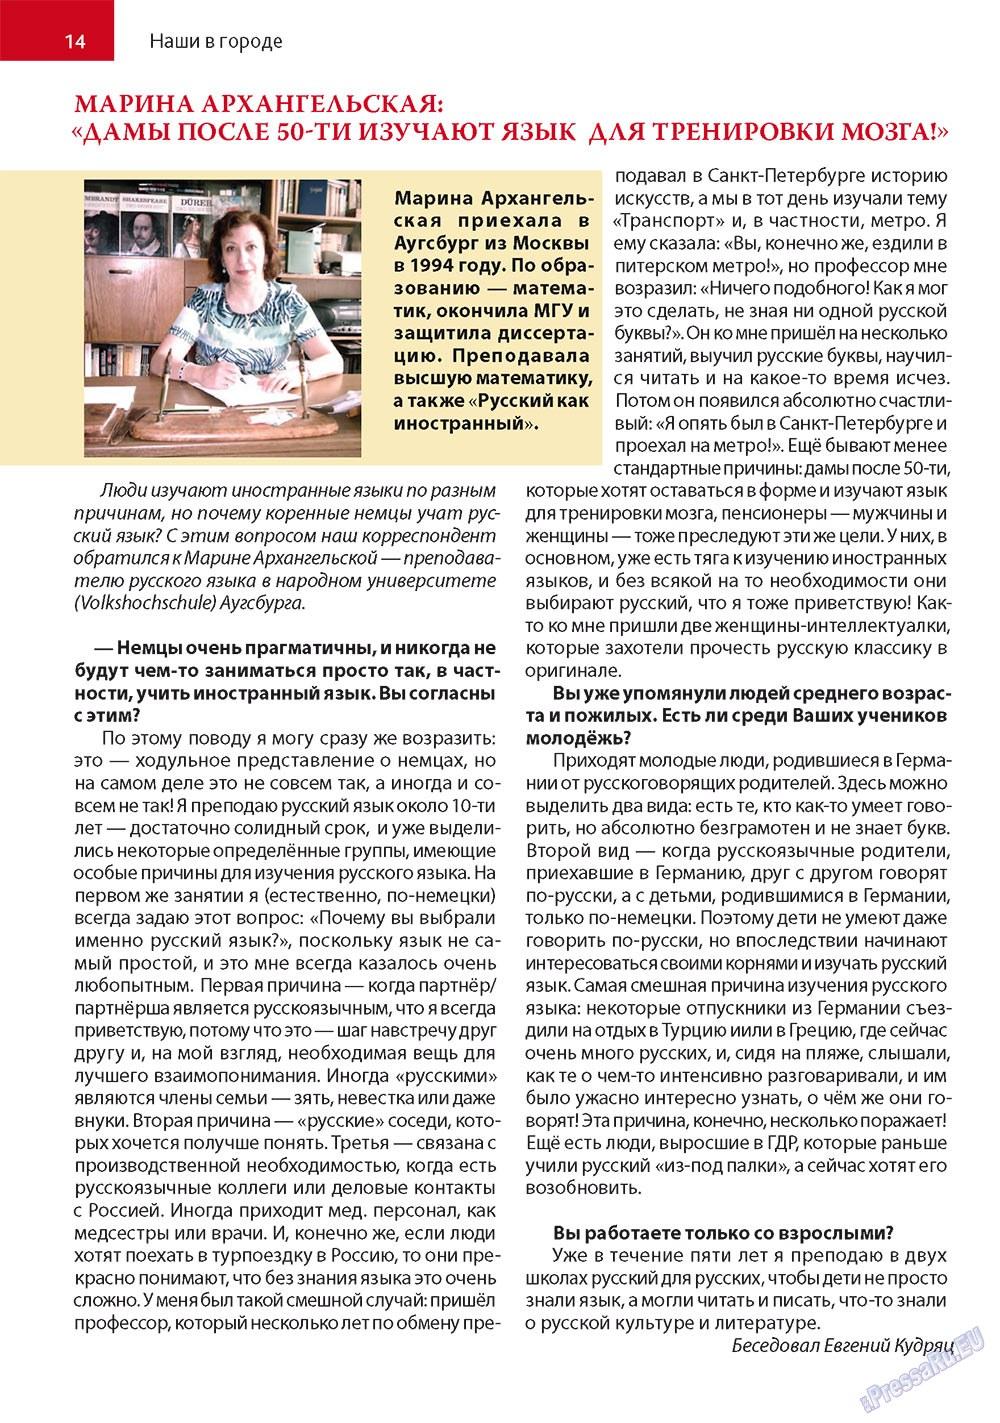 Афиша Augsburg (журнал). 2011 год, номер 9, стр. 14